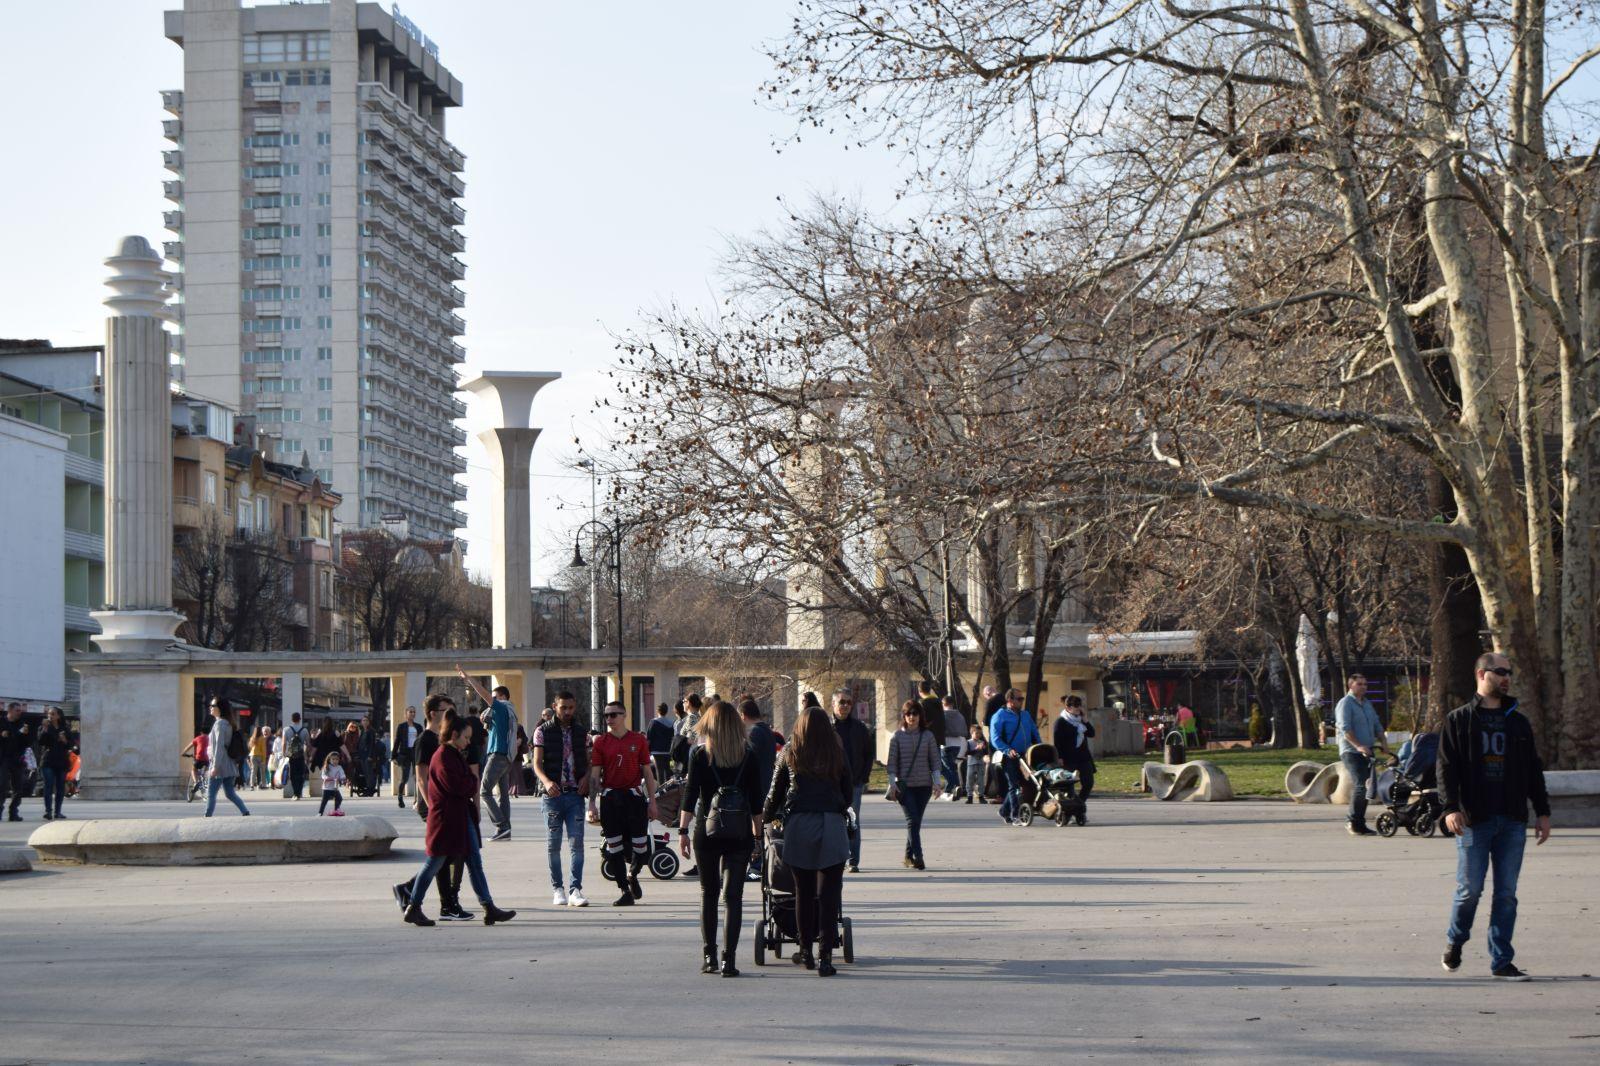 Мързелив мартенски съботен следобед във Варна (ГОЛЯМА ЕКСКЛУЗИВНА КРАЙБРЕЖНА ГАЛЕРИЯ)